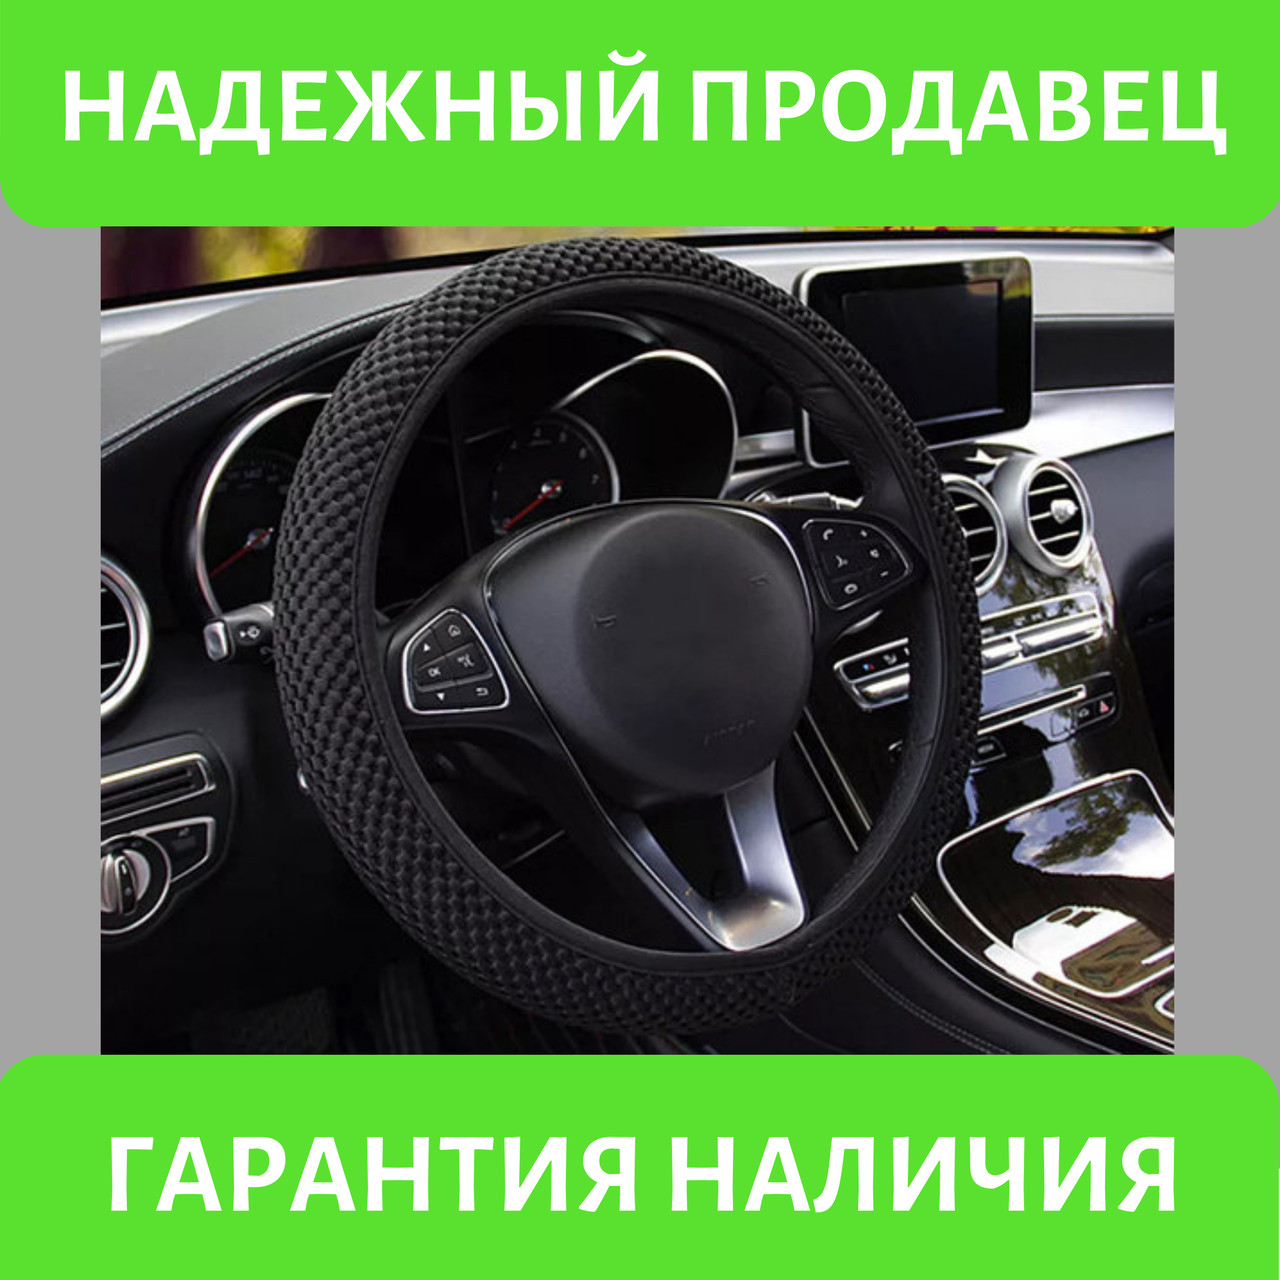 Чехол-оплетка для руля легкового автомобиля (черный)